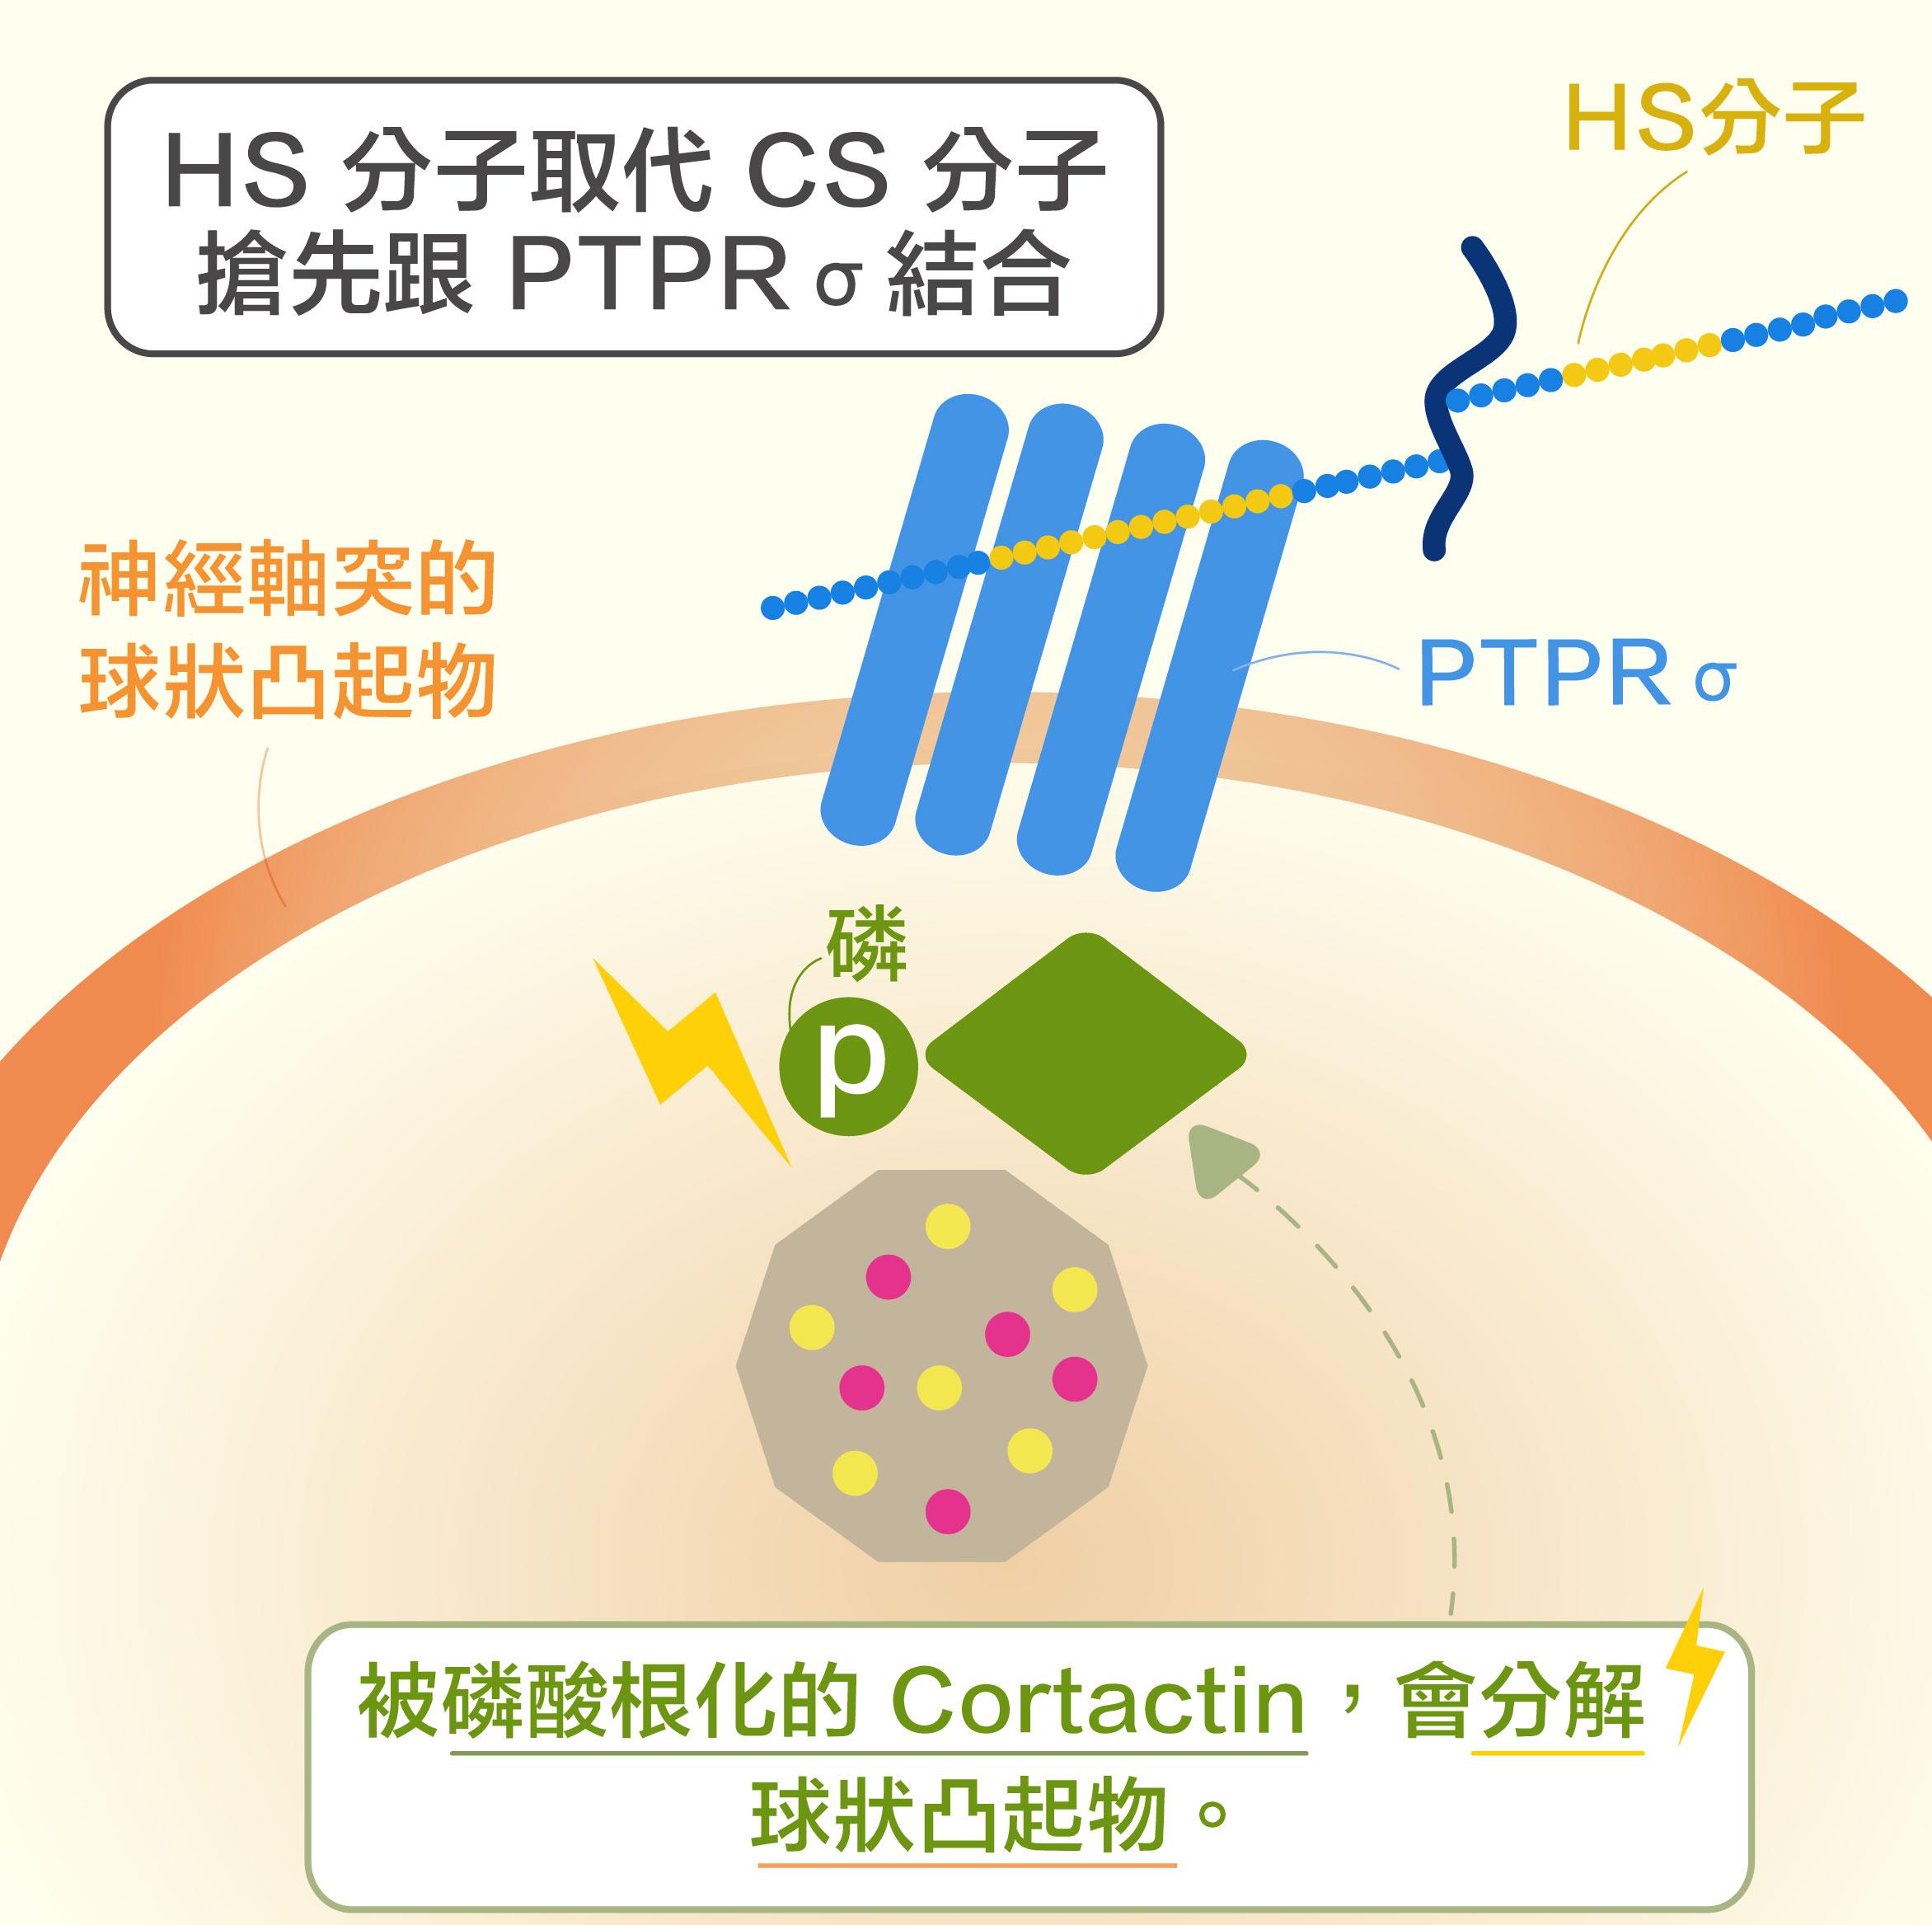 第二個新發現:HS 分子取代 CS 分子,搶先與 PTPRσ 結合,讓 Cortactin 又可被磷酸根化, 使神經軸突順利再生。資料來源|洪上程圖說重製|黃曉君、林洵安